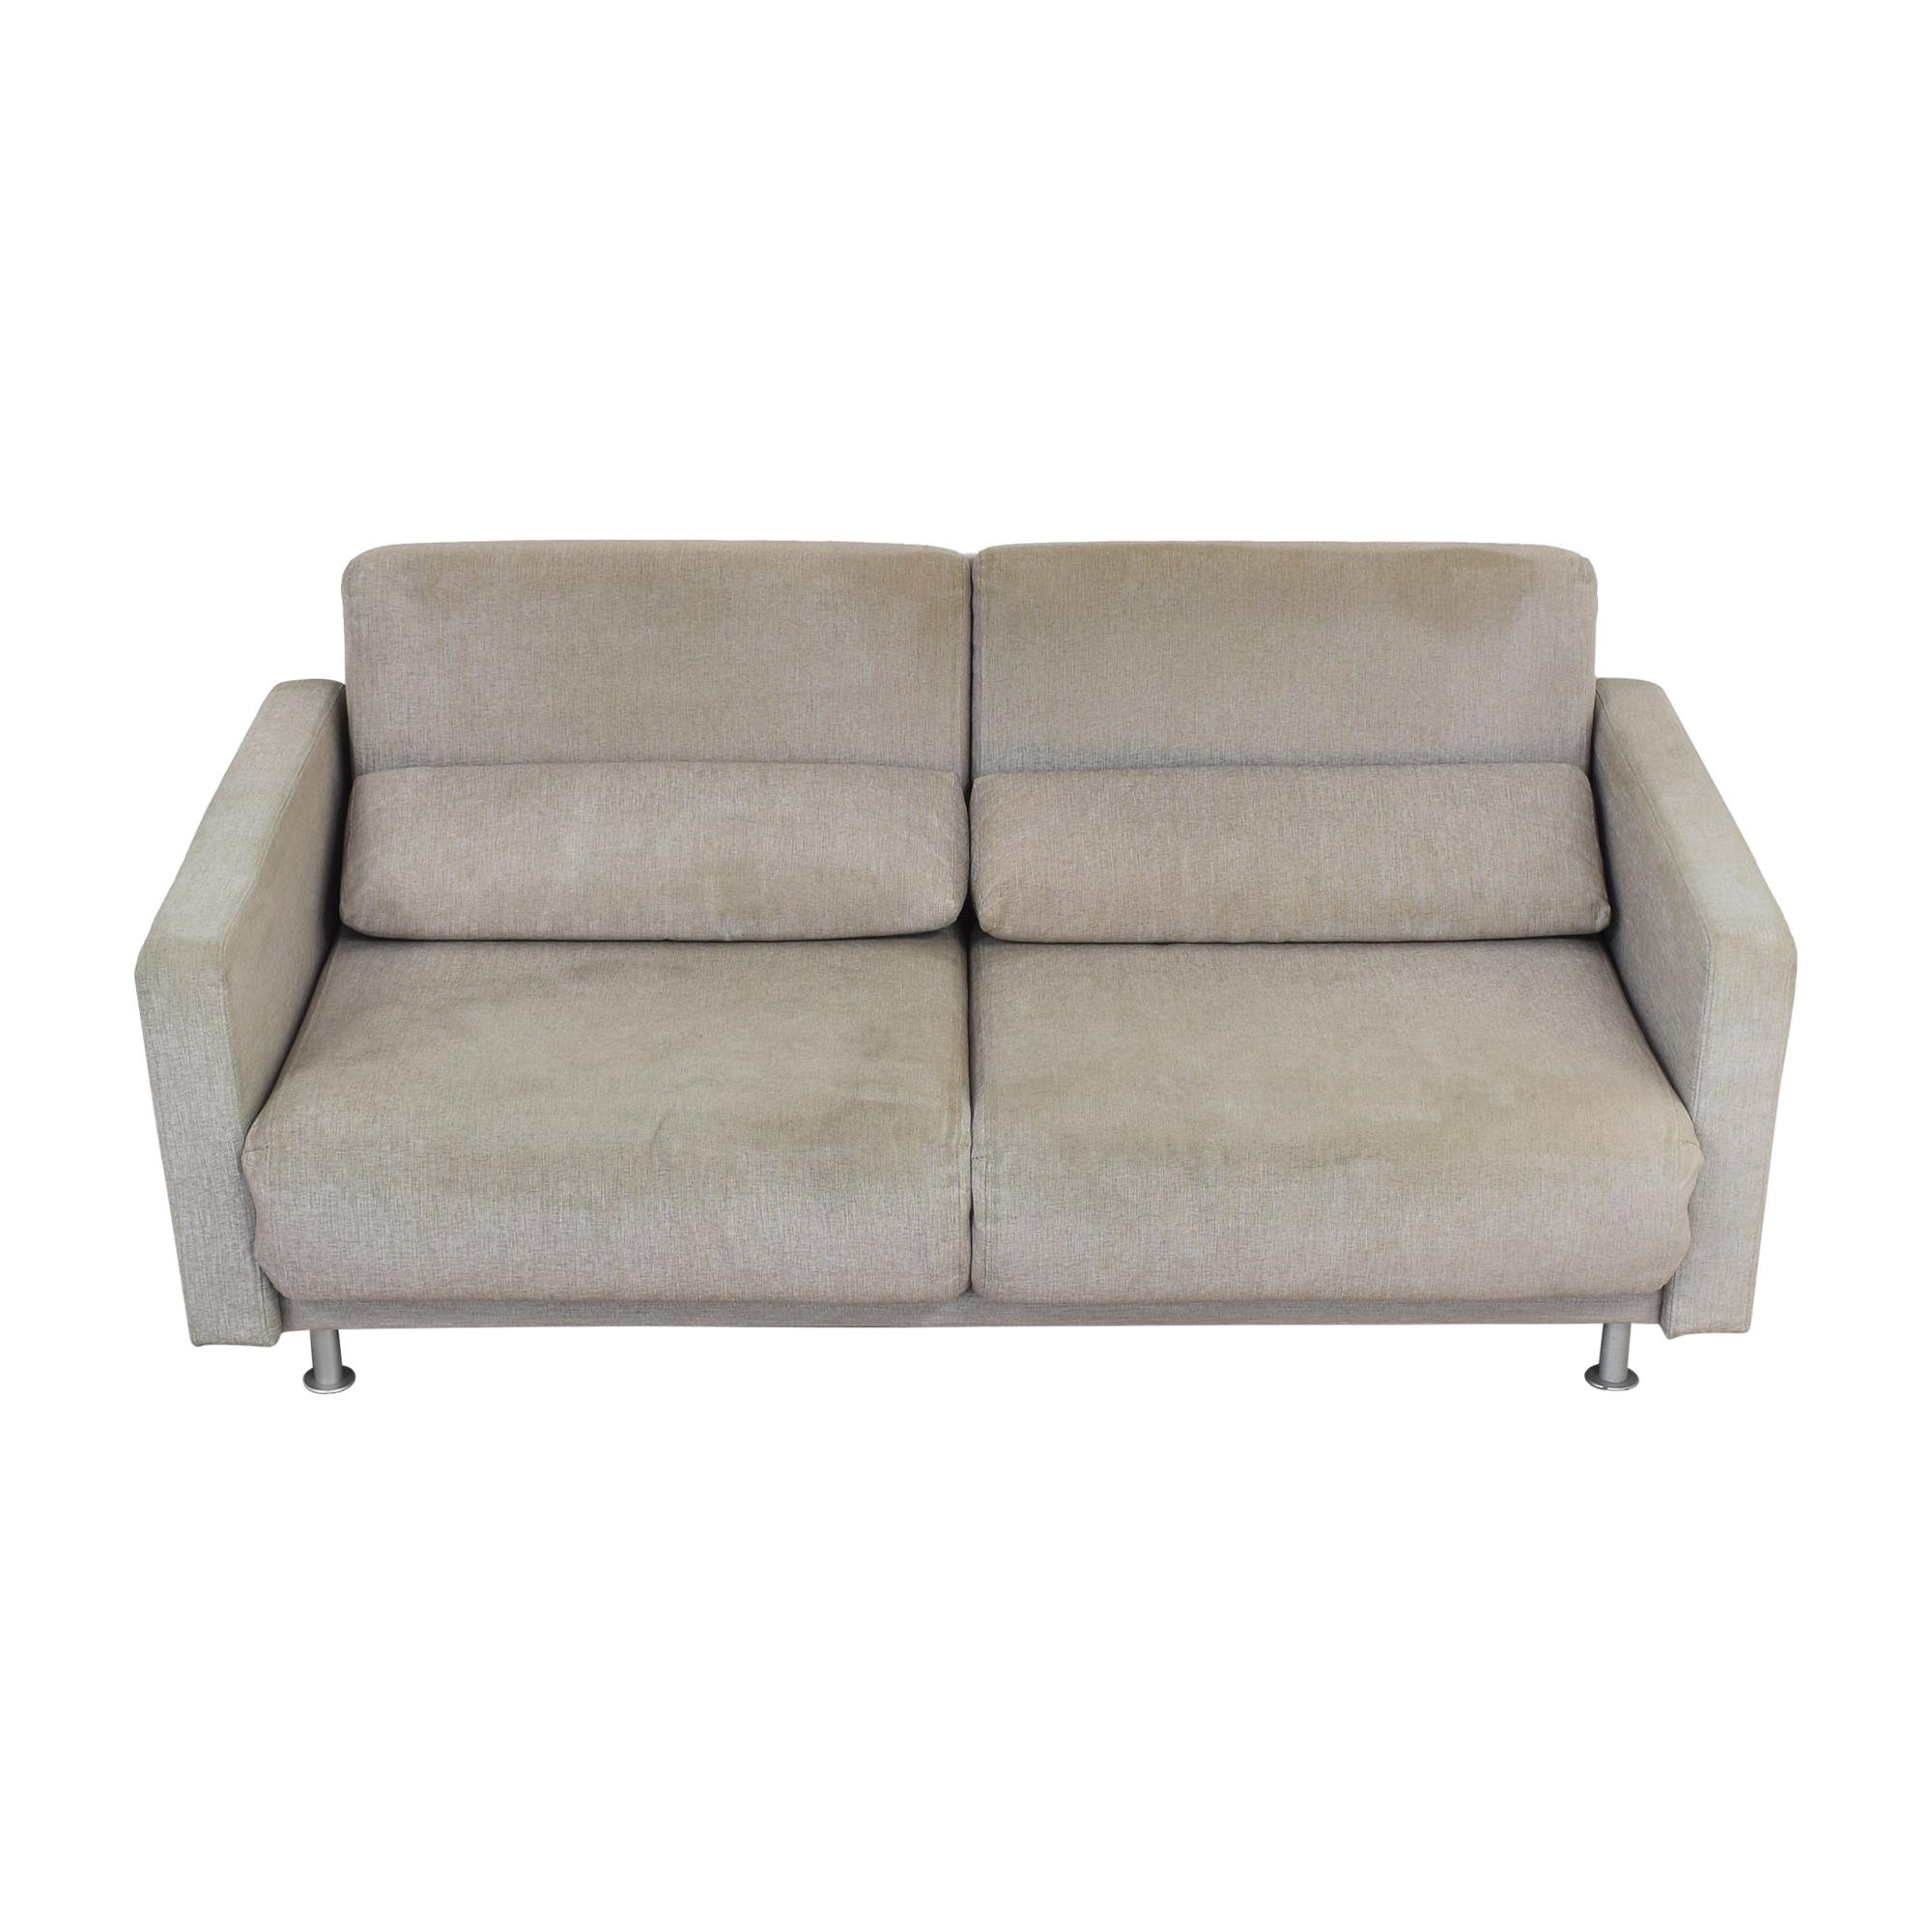 BoConcept BoConcept Melo Grey Sofa Queen Bed grey